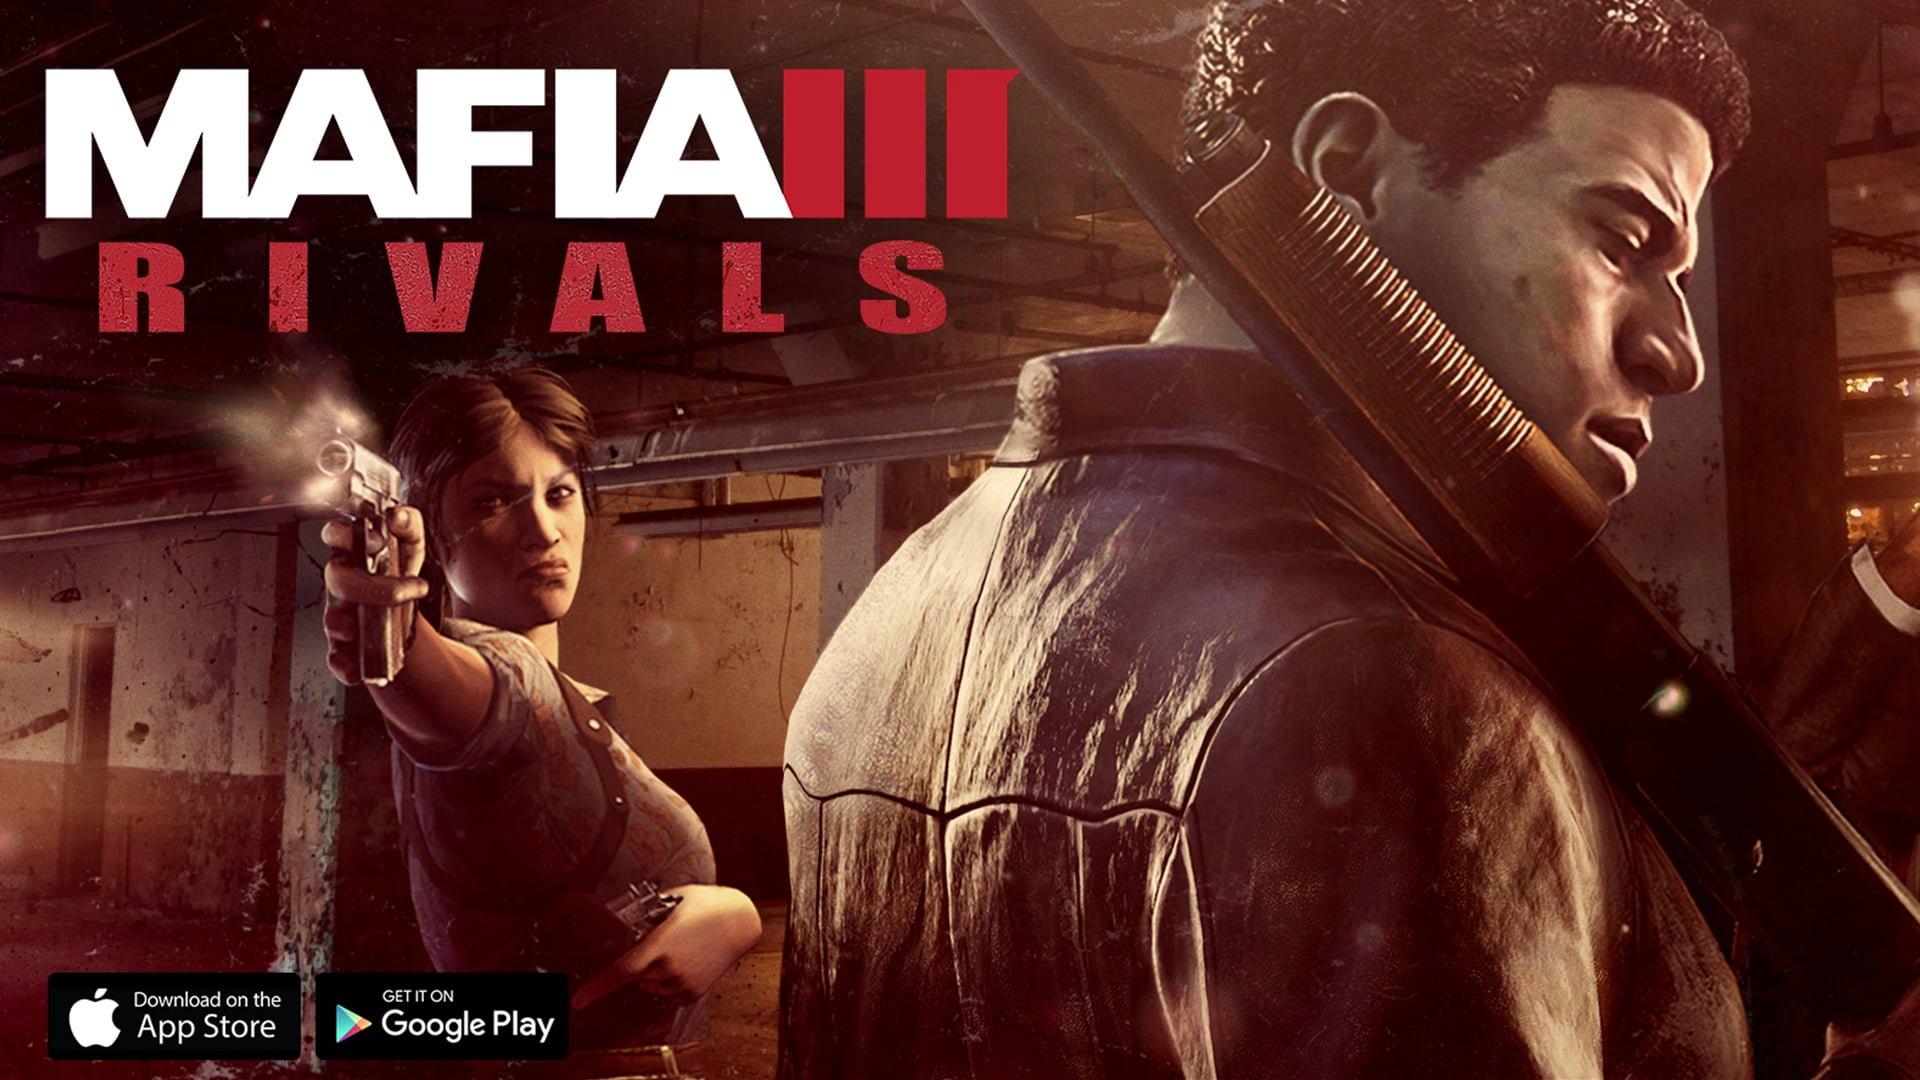 mafia-iii-rivals